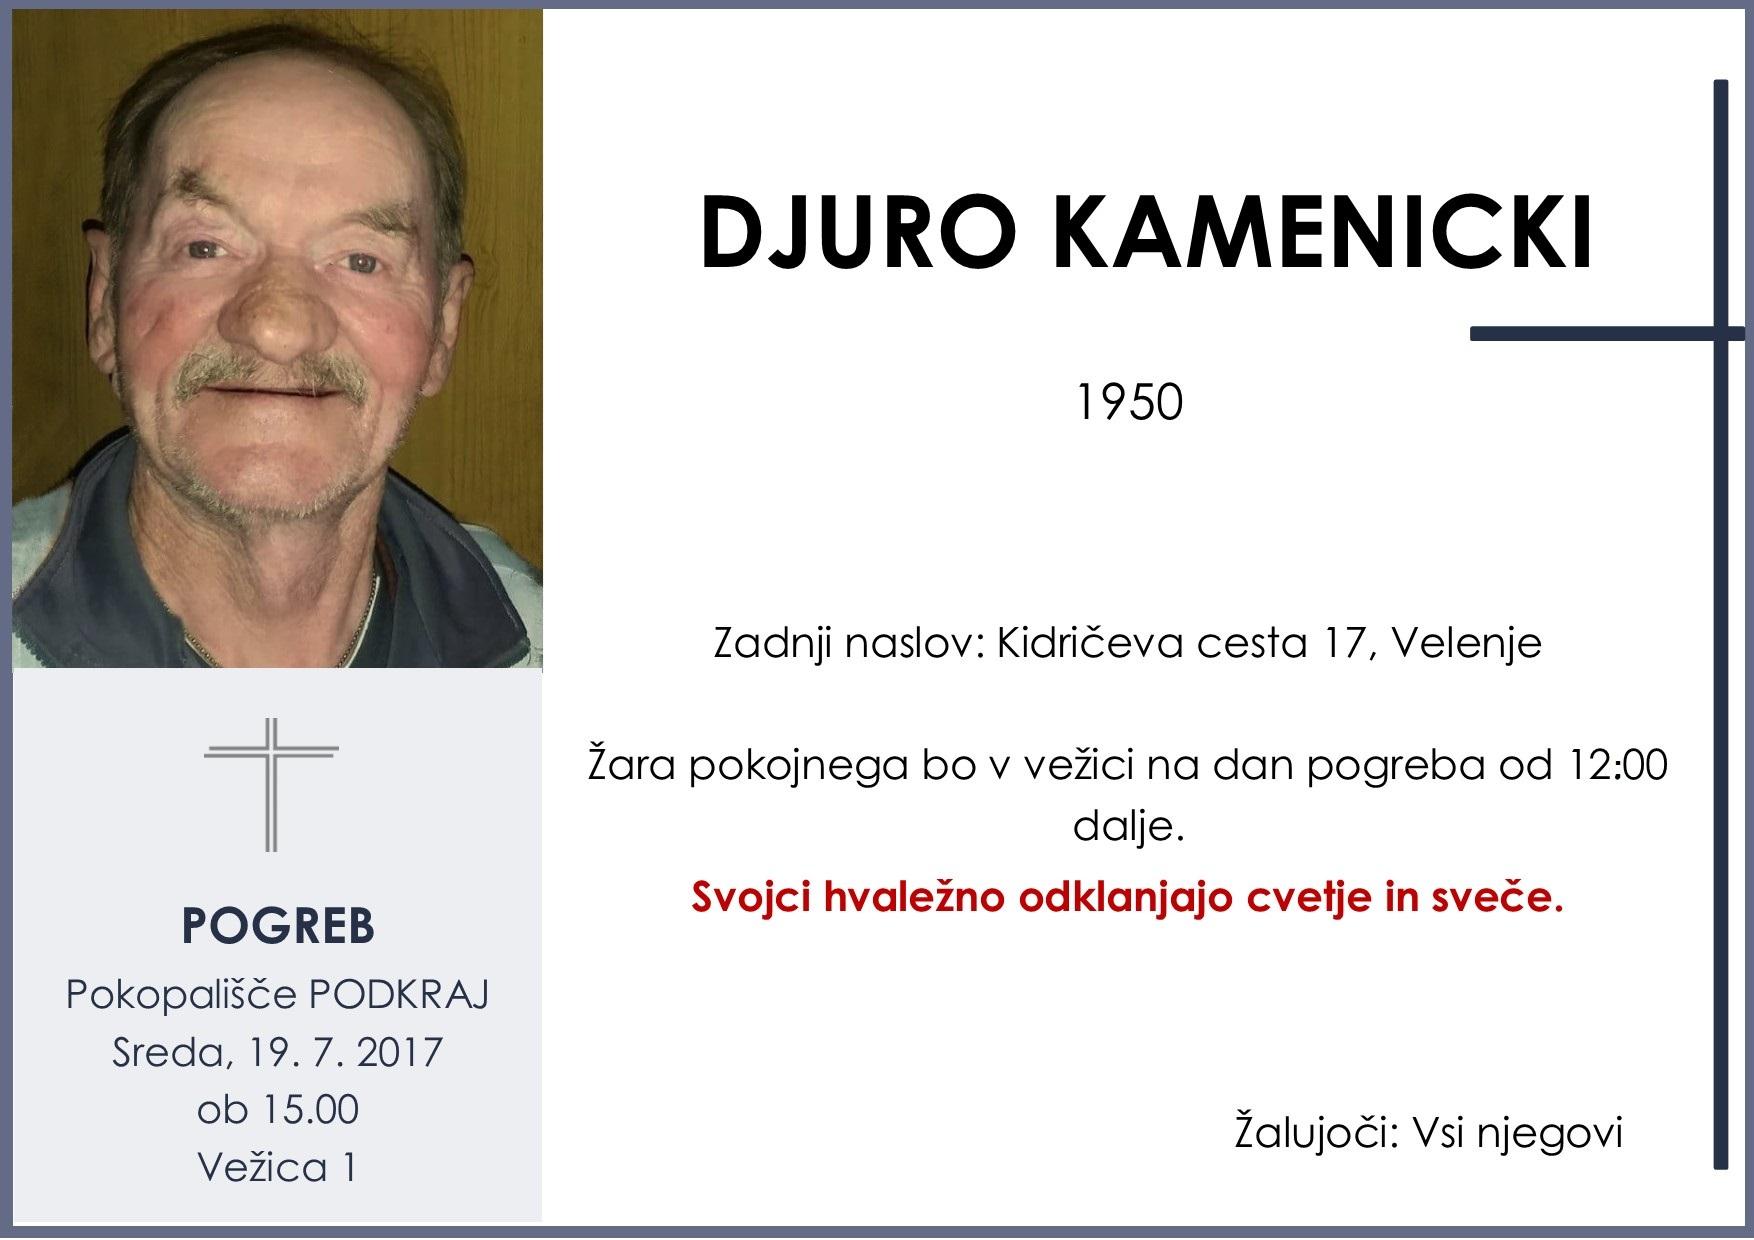 DJURO KAMENICKI, Podkraj, 19. 7. 2017